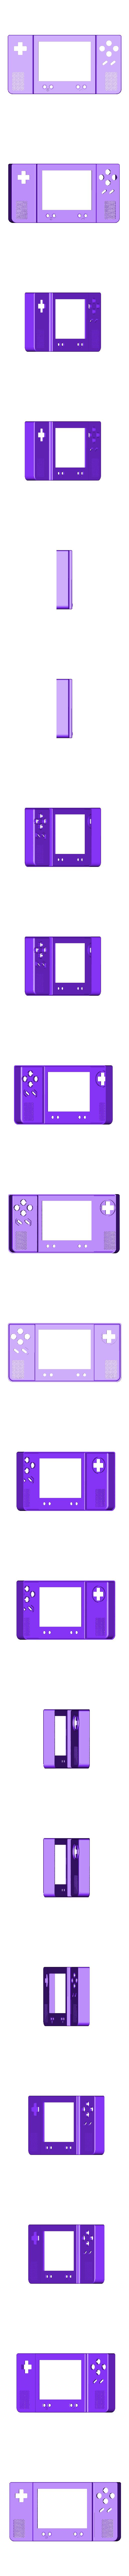 snesp_repaired.stl Télécharger fichier STL gratuit Étui portable Super Nintendo • Design pour imprimante 3D, Clenarone